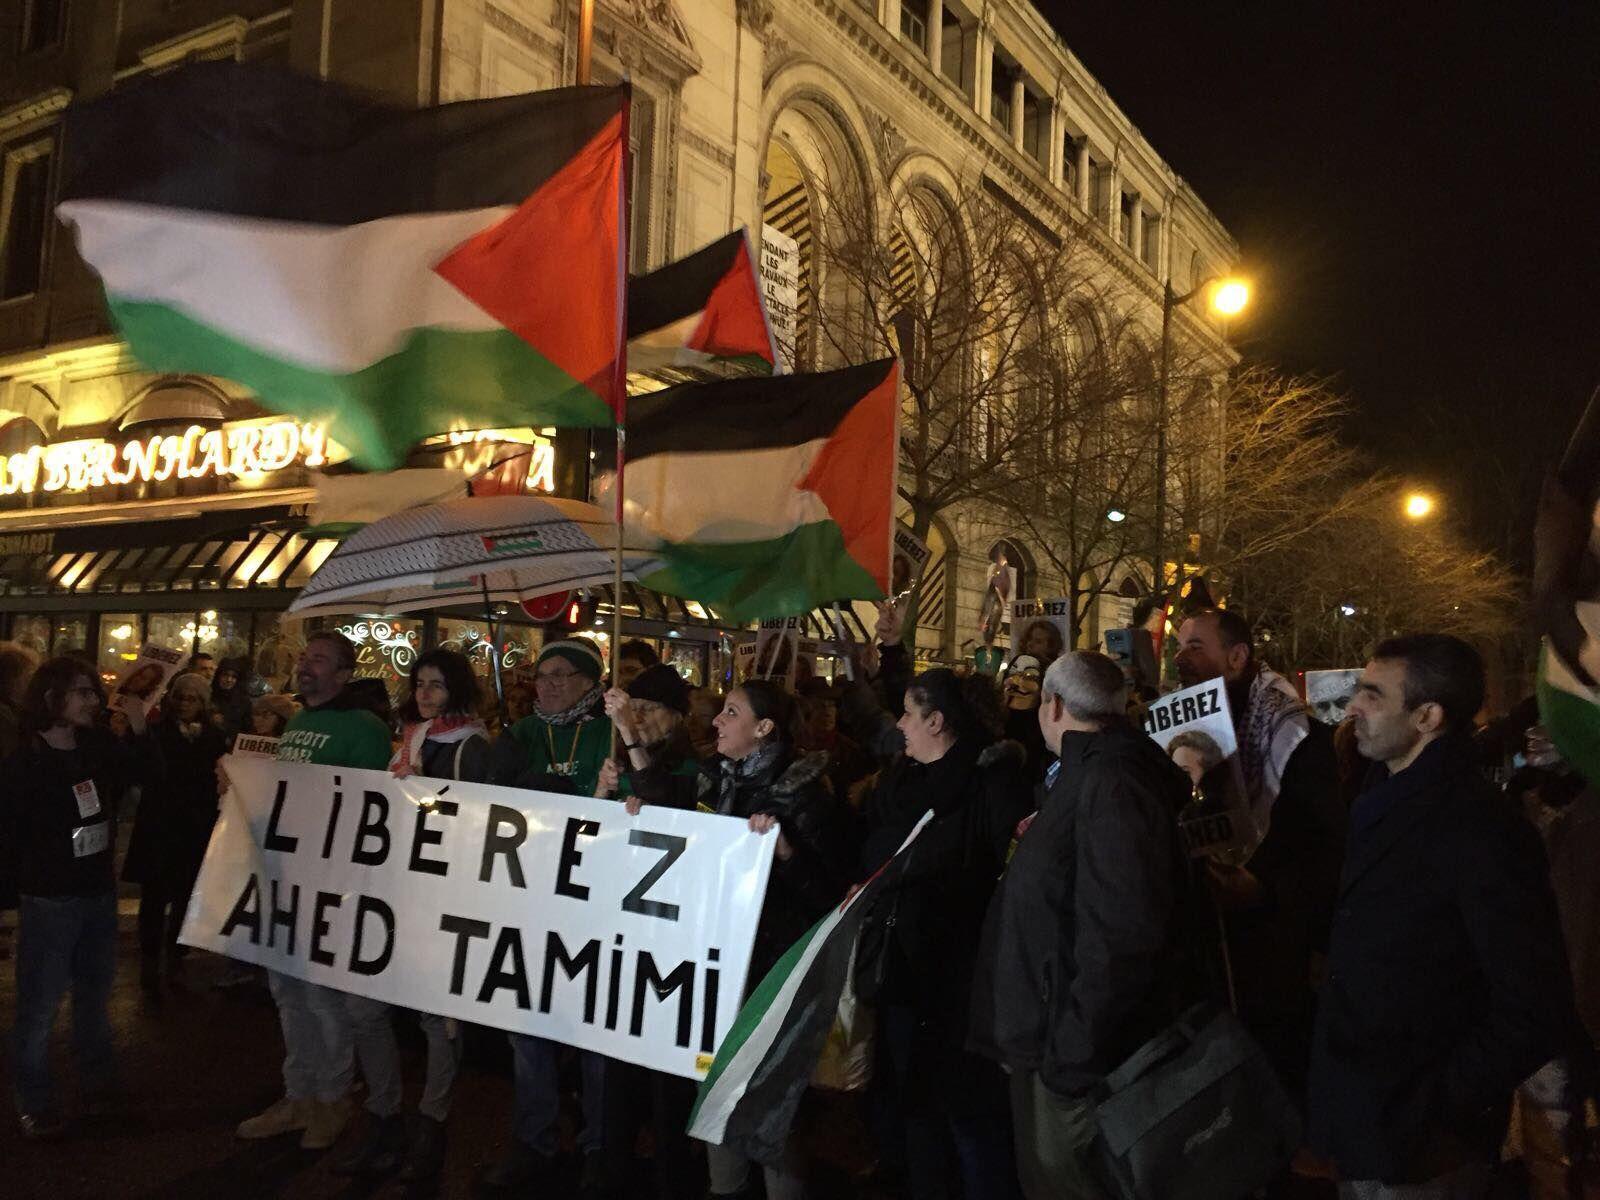 Cisjordanie Une ado palestinienne jugée pour avoir frappé des soldats israéliens